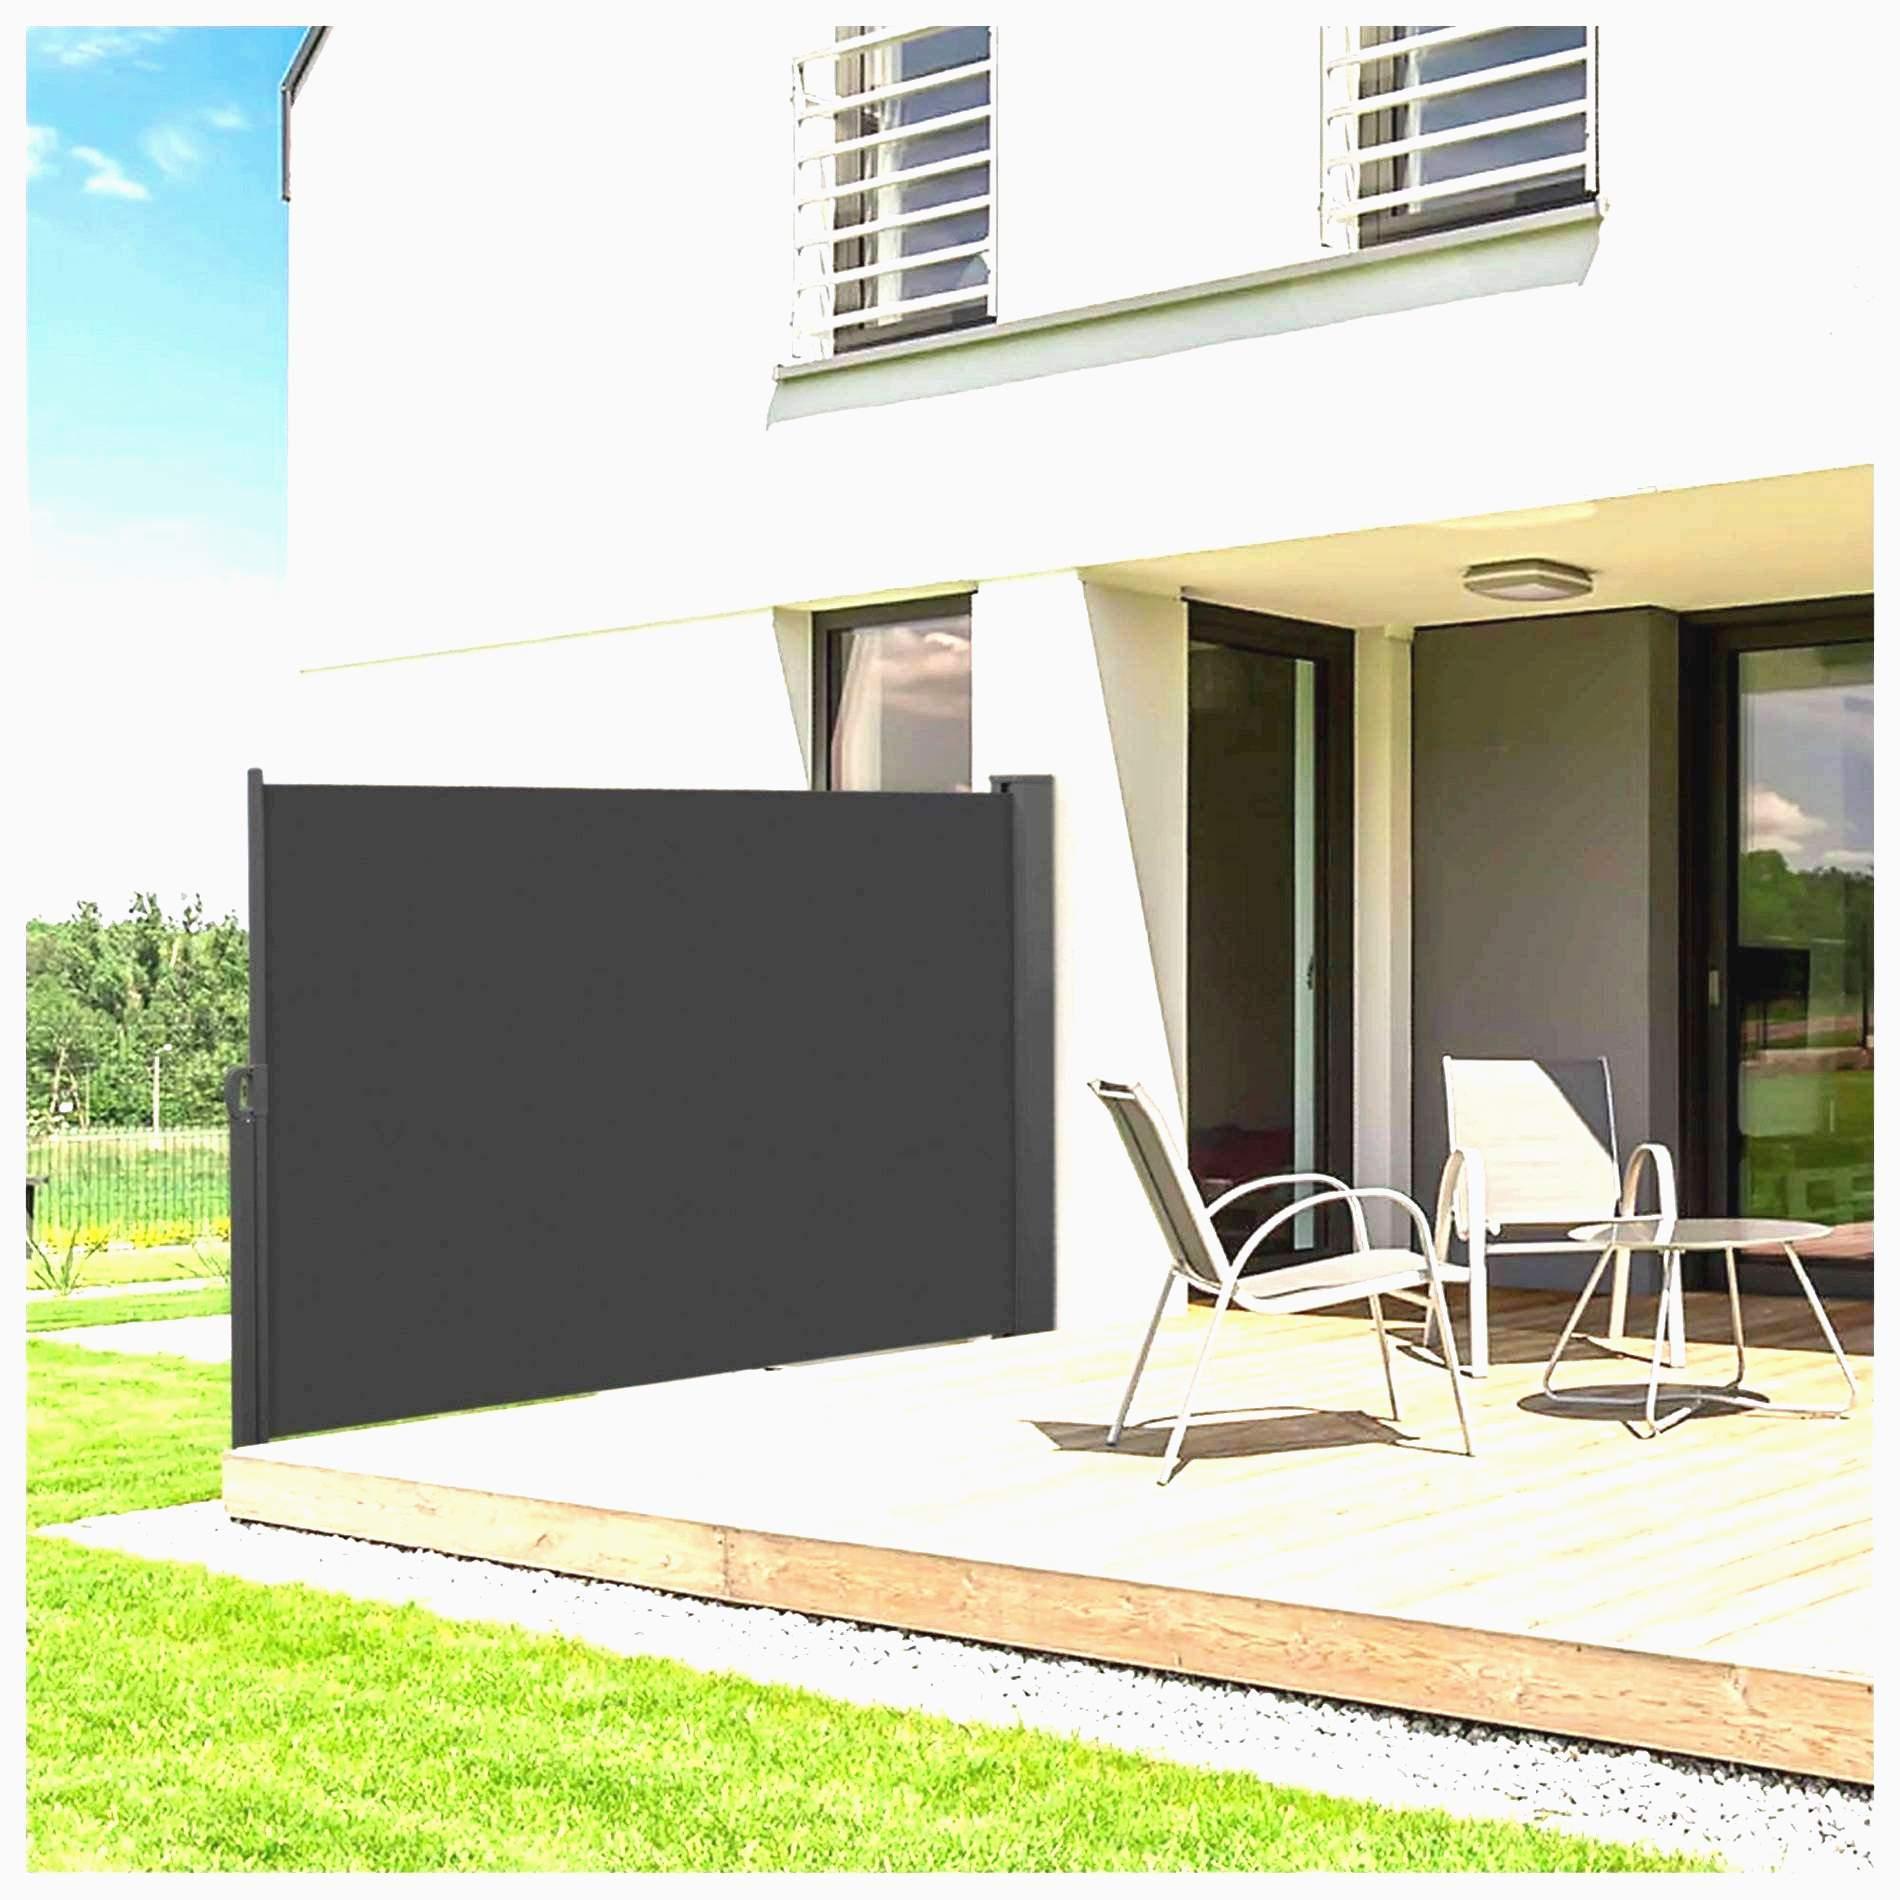 garten terrasse holz neu wohnzimmer holz genial holz auf terrasse terrassengestaltung of garten terrasse holz